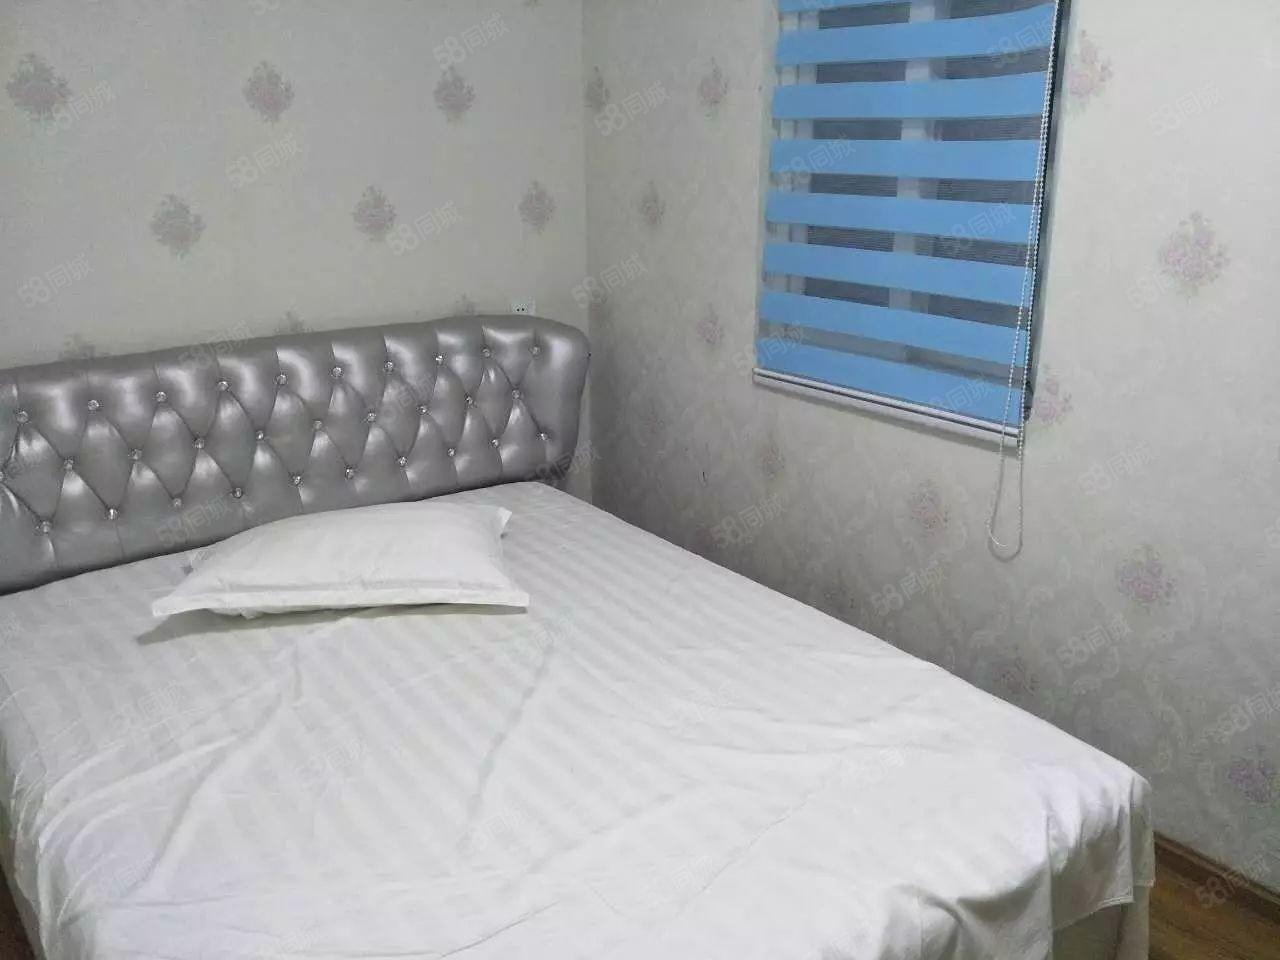 帝湖莱克公寓,便宜甩租,个人房子,拎包入住,交通便利